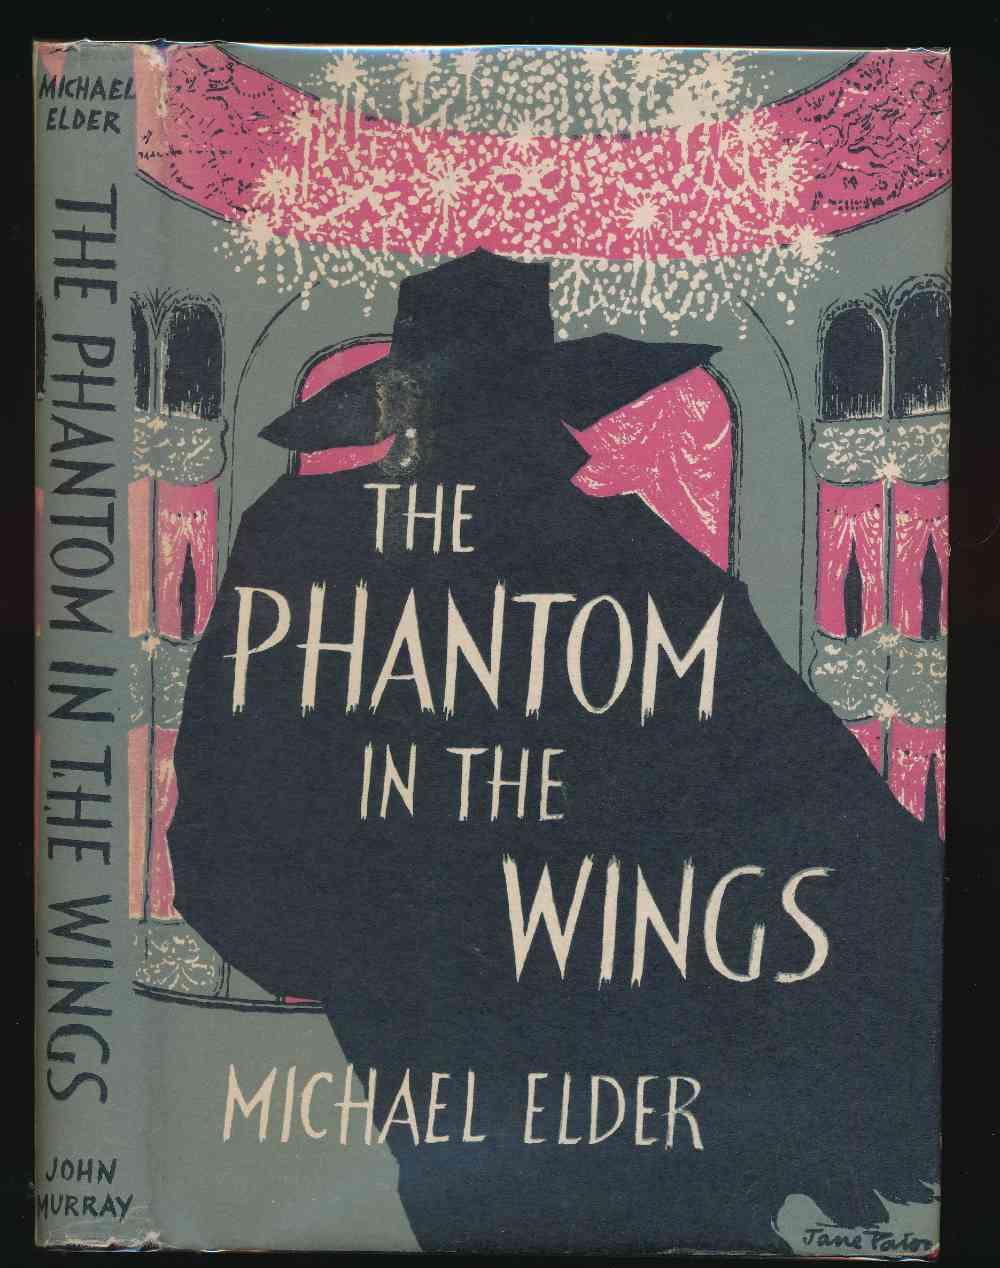 The phantom in the wings